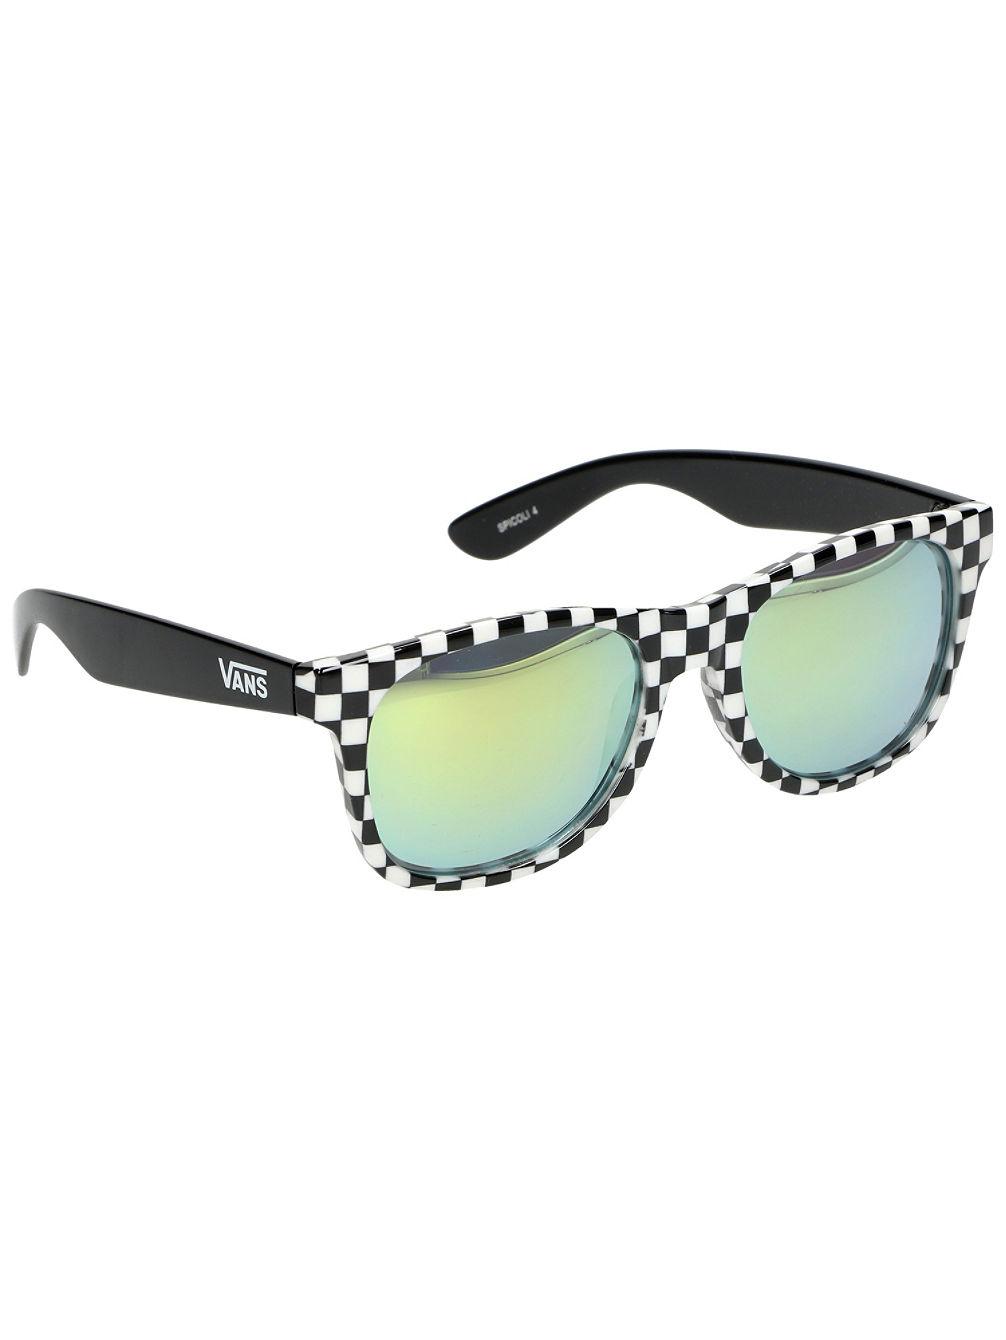 vendita calda online c7cbc 6b676 Spicoli 4 Black/White Check Occhiali da Sole